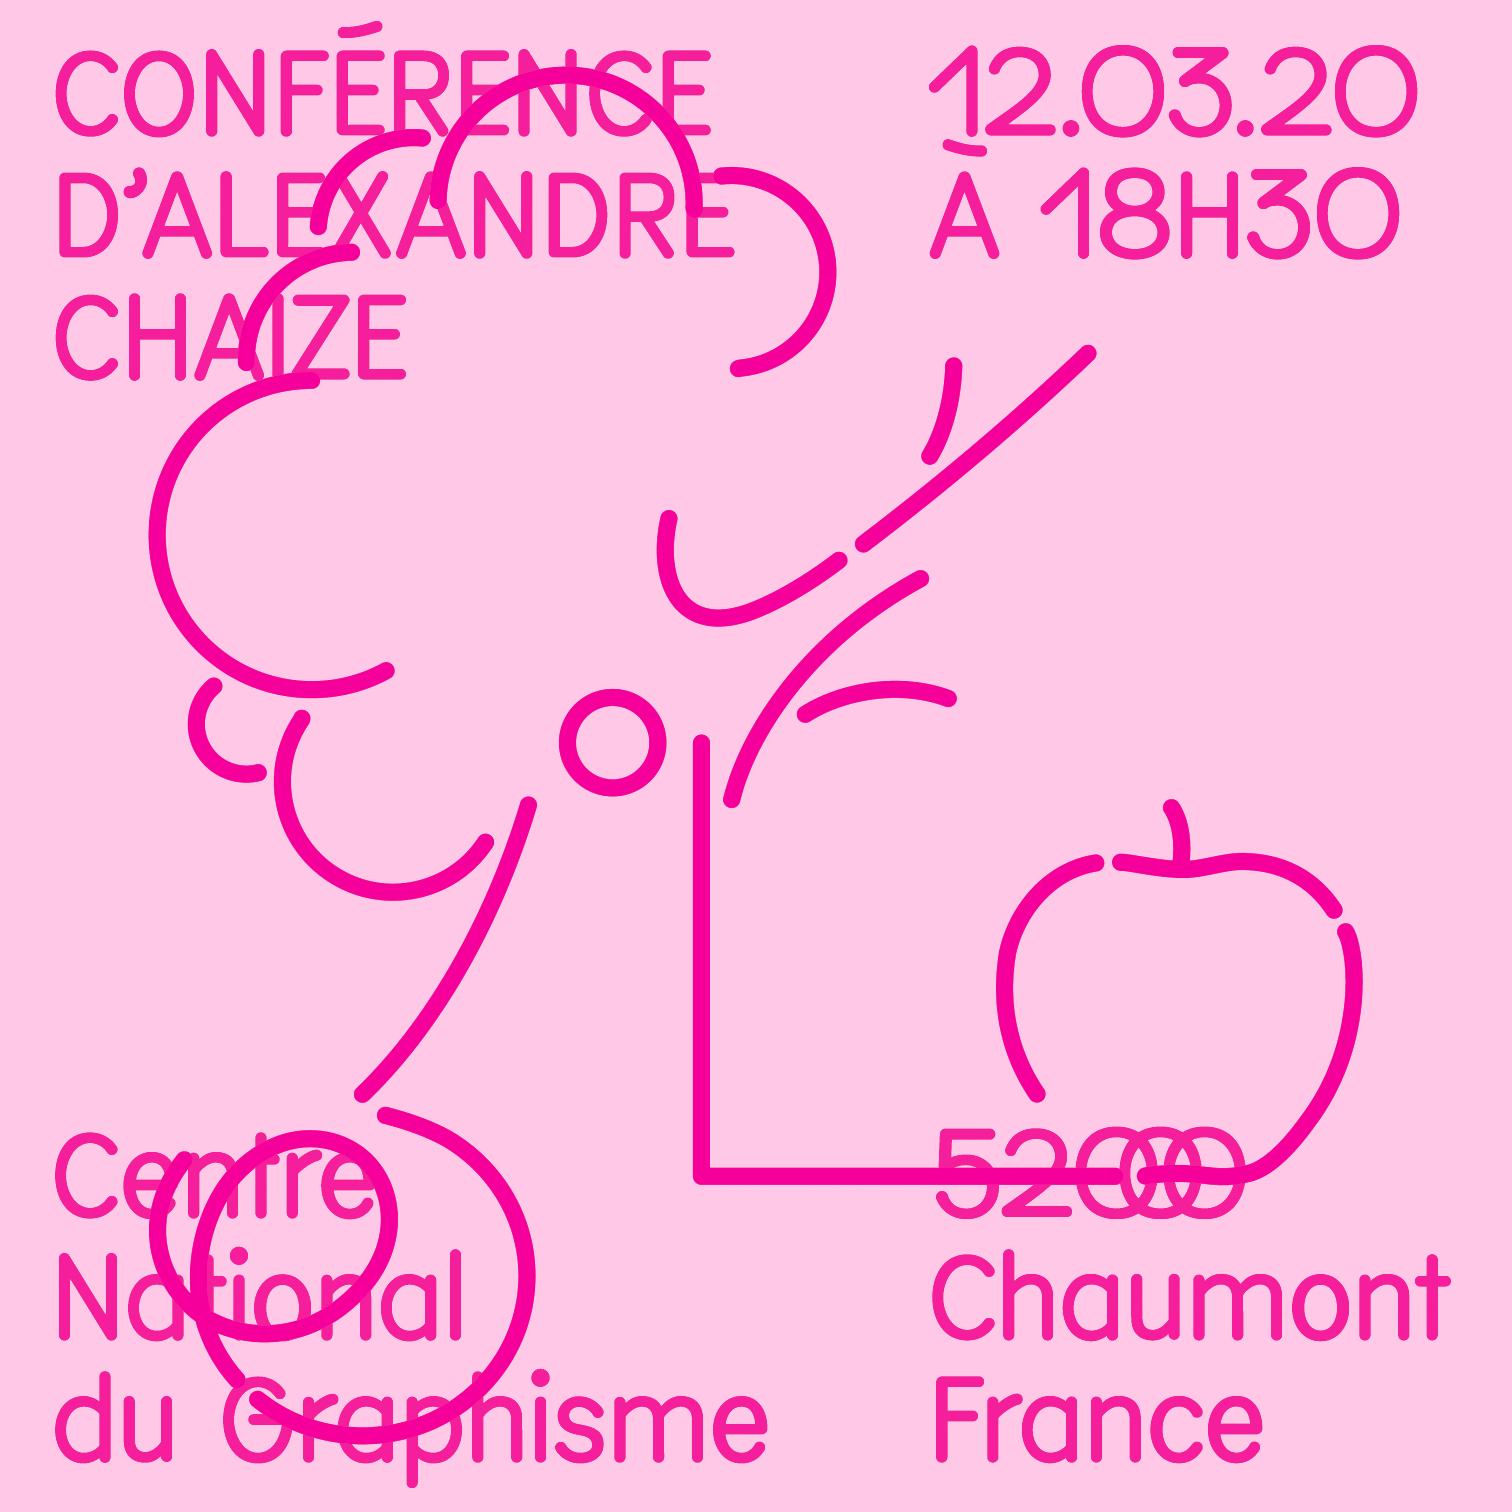 Visuel de la conférence d'Alexandre Chaize au Signe, Centre National du Graphisme à Chaumont